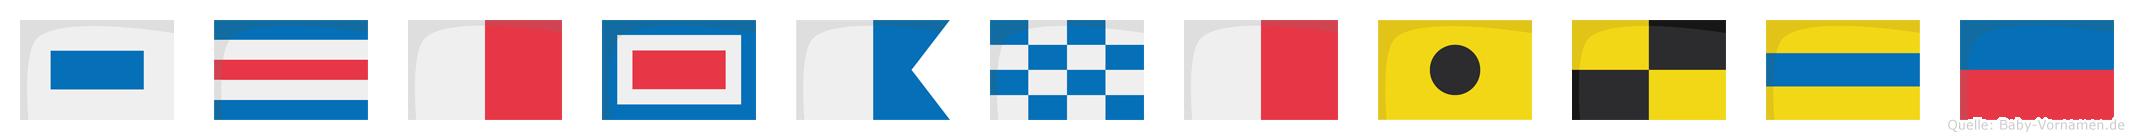 Schwanhilde im Flaggenalphabet